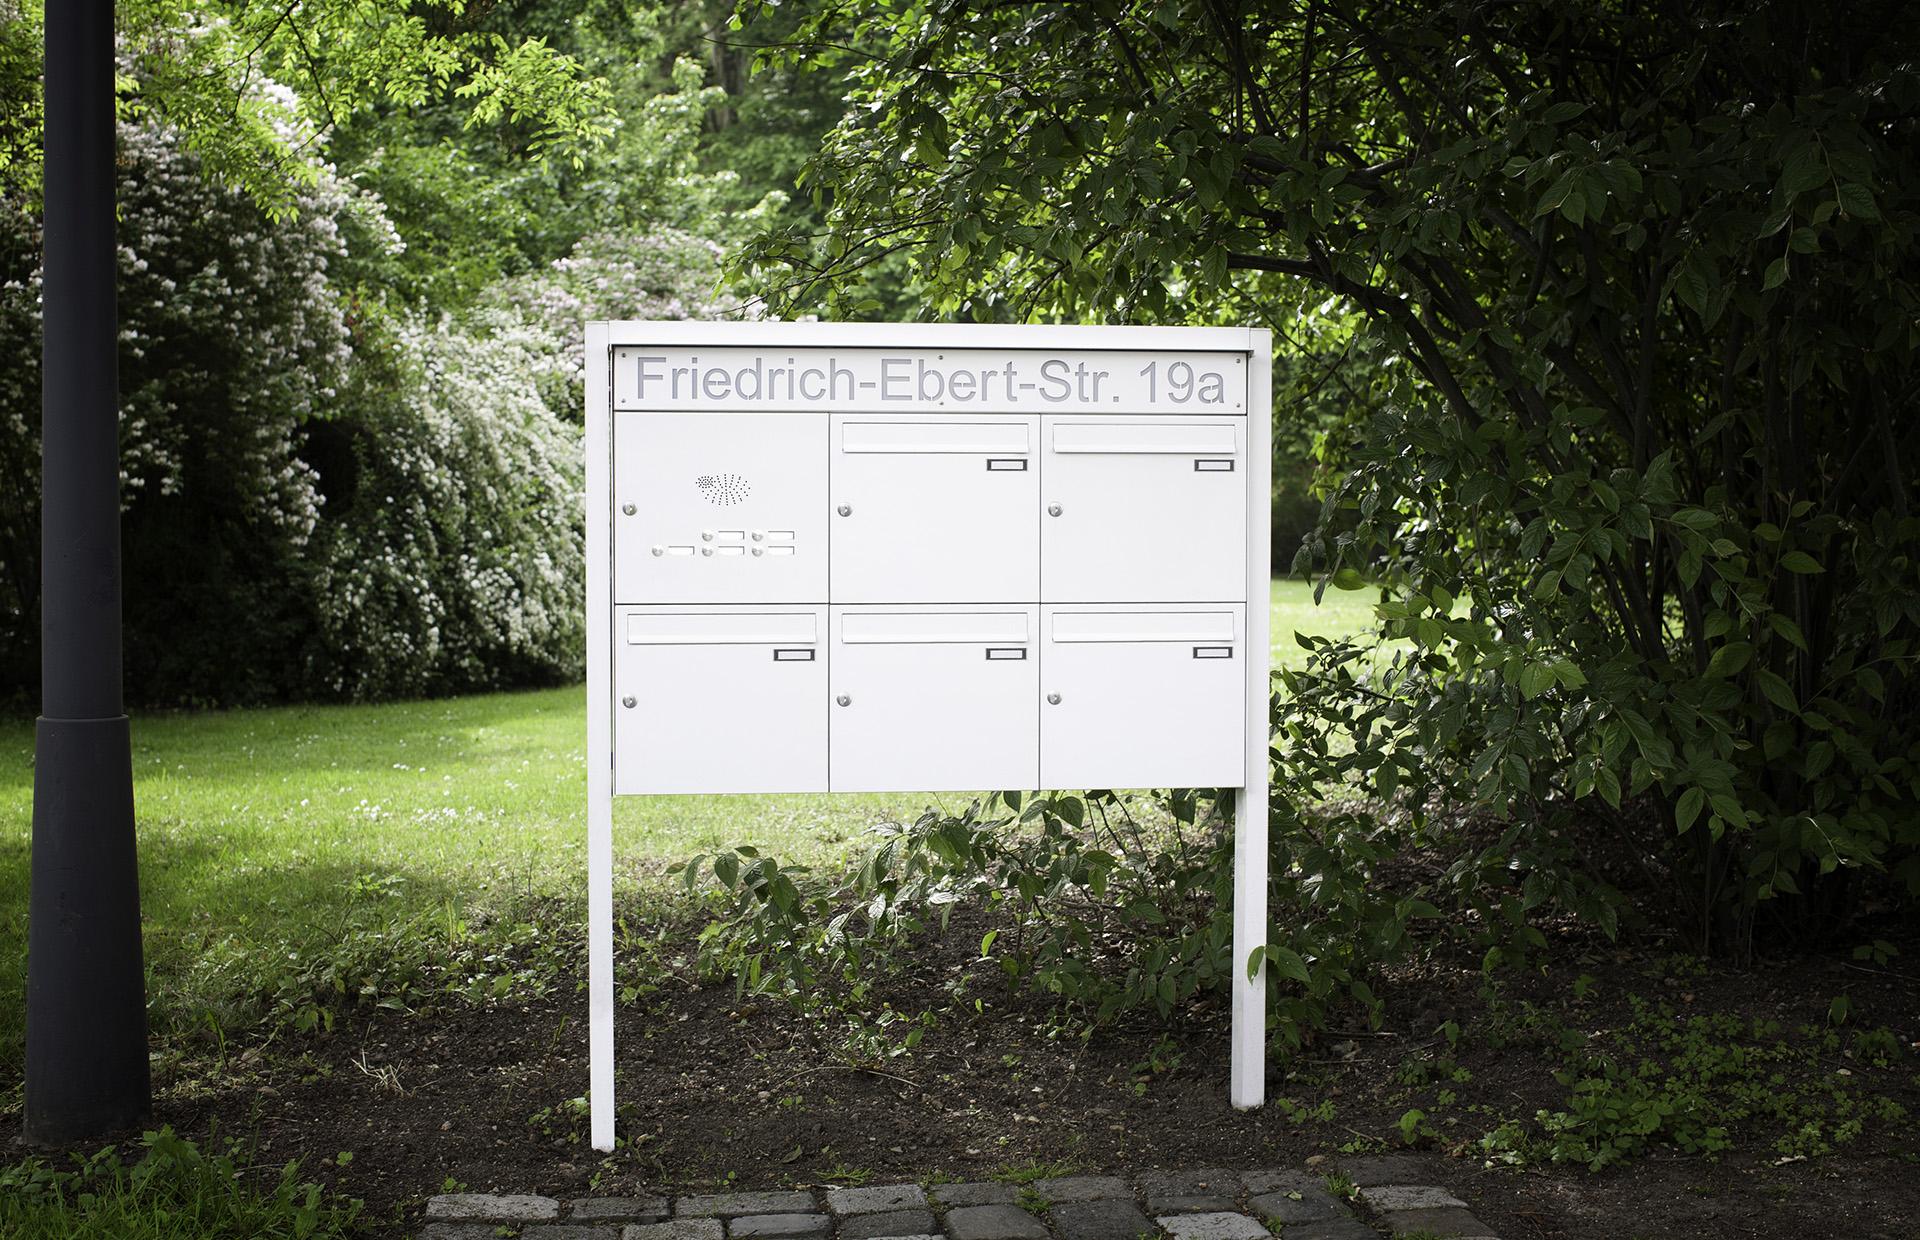 Fototour Leipzig, Friedrich-Ebert-Str. 19a,  (weitere Ansichten/Bilder vorhanden)